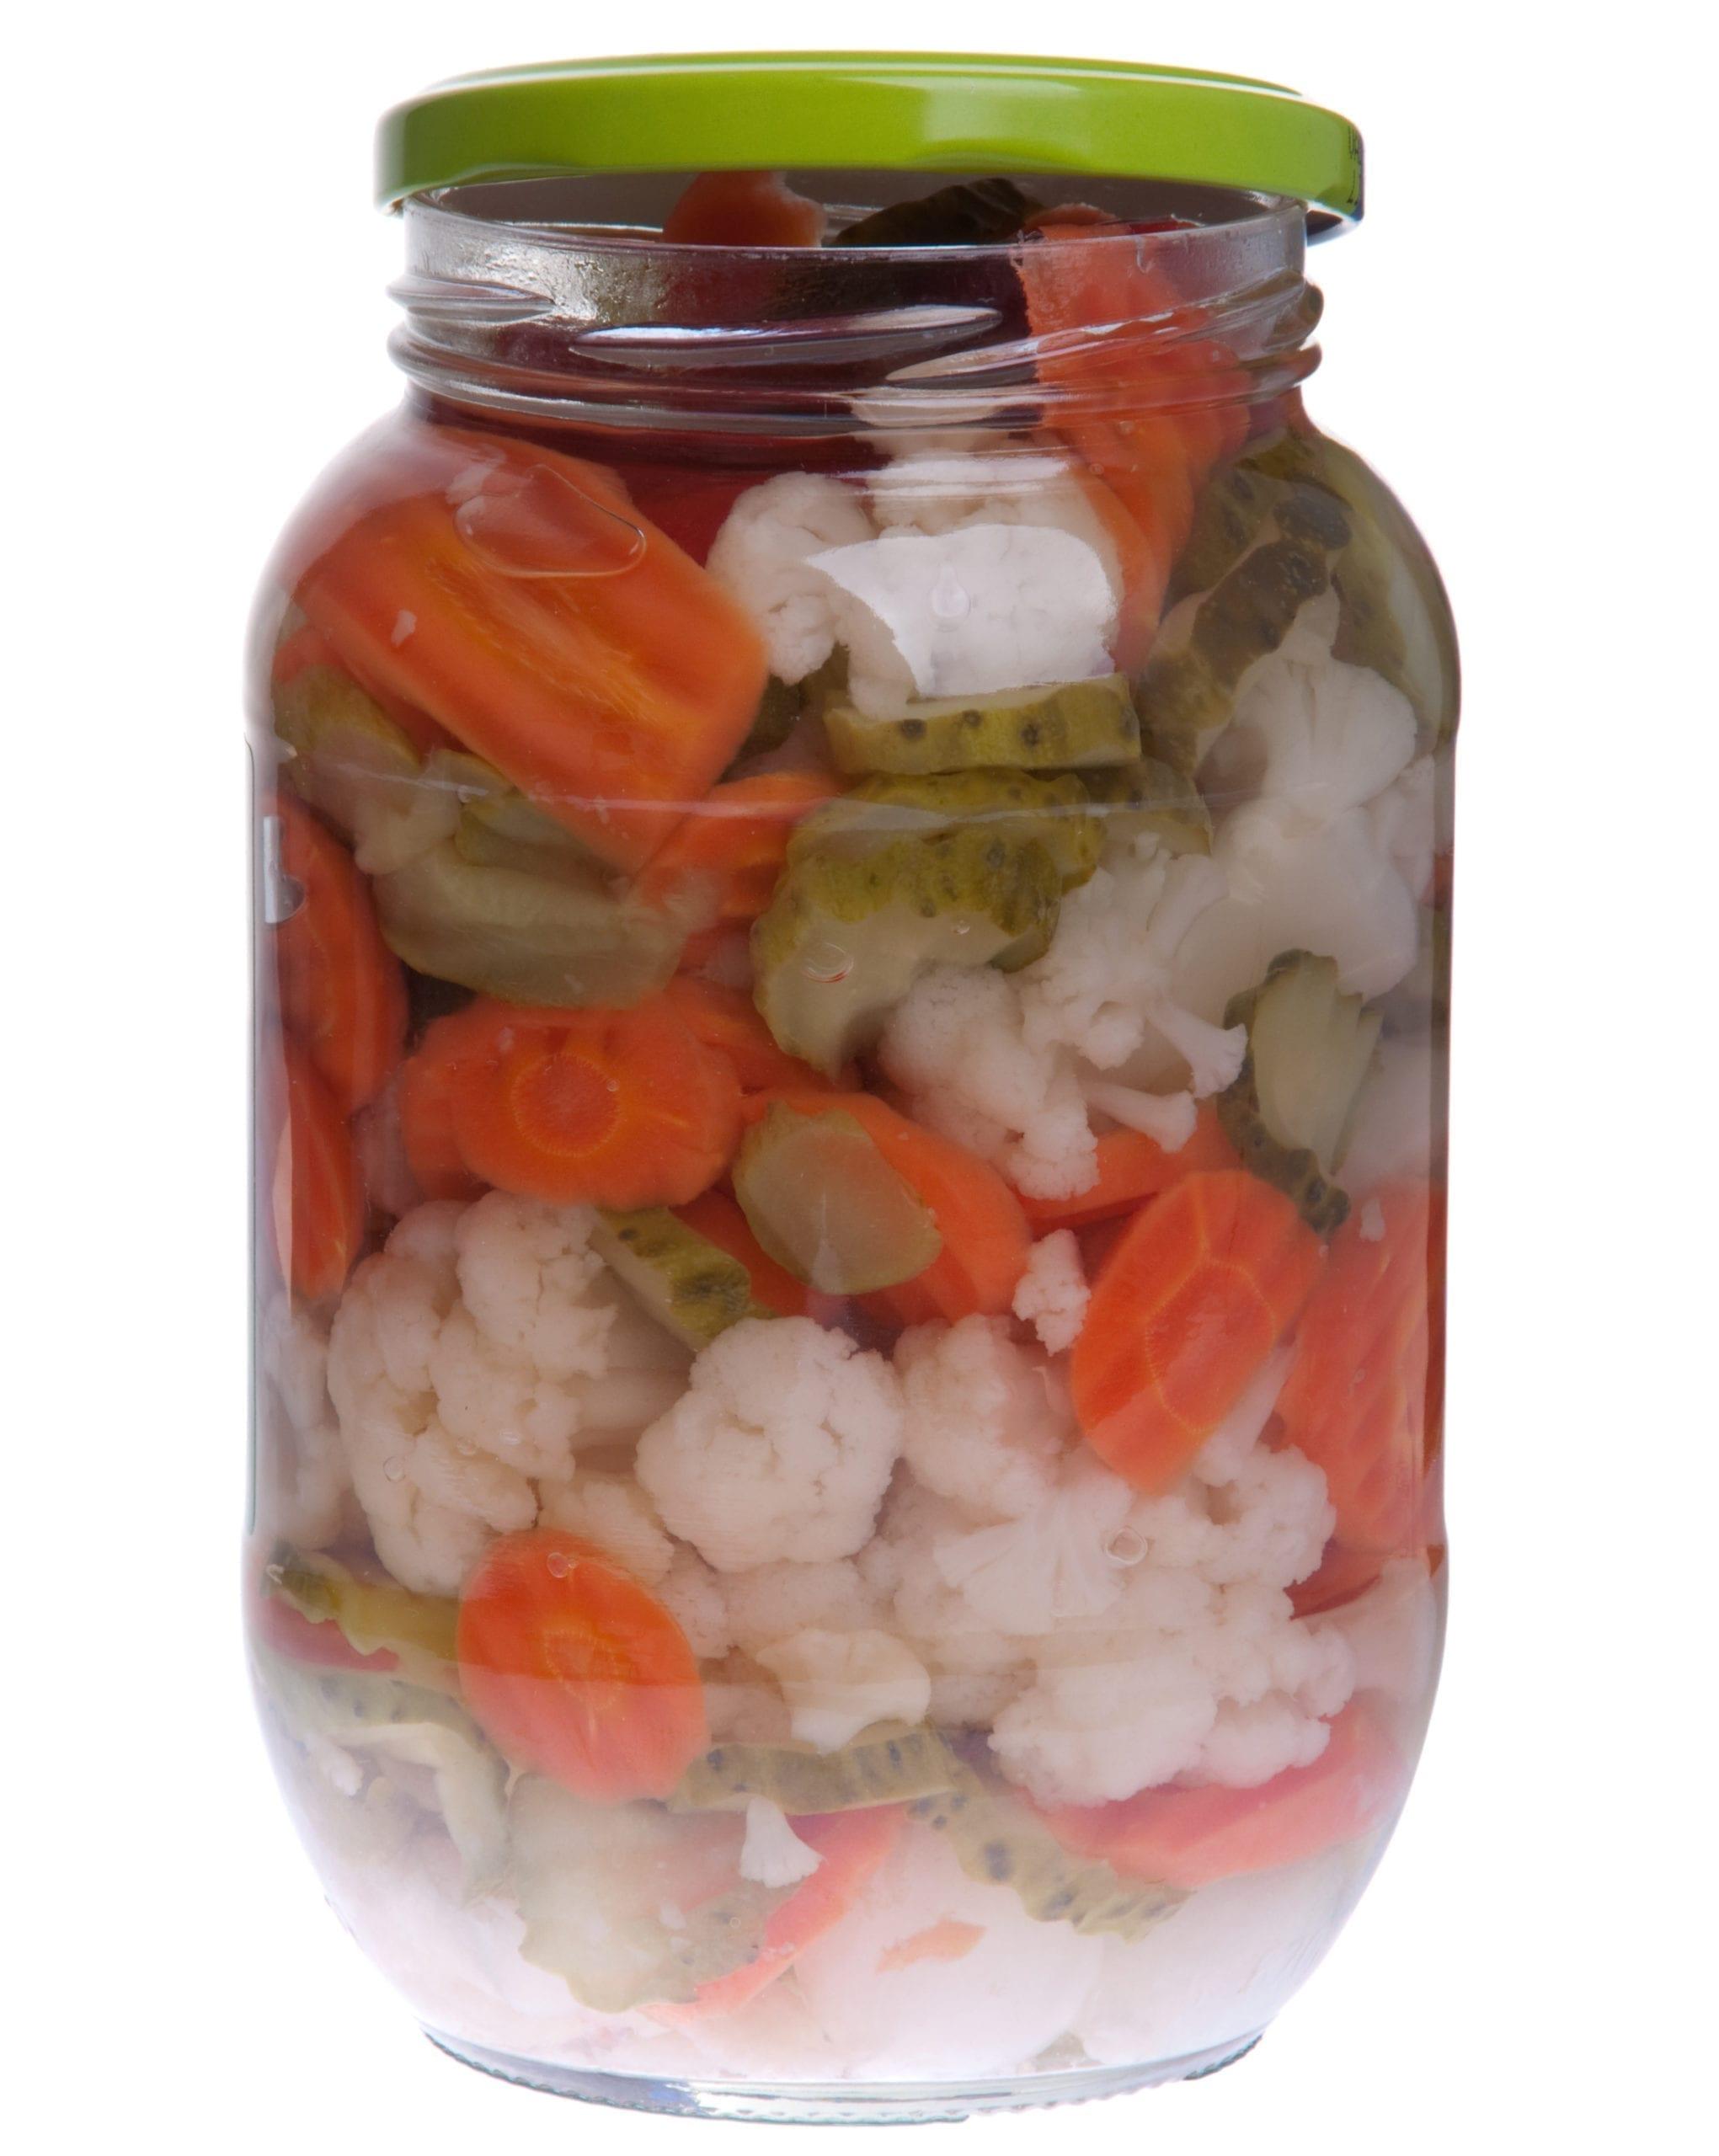 Pickels jar